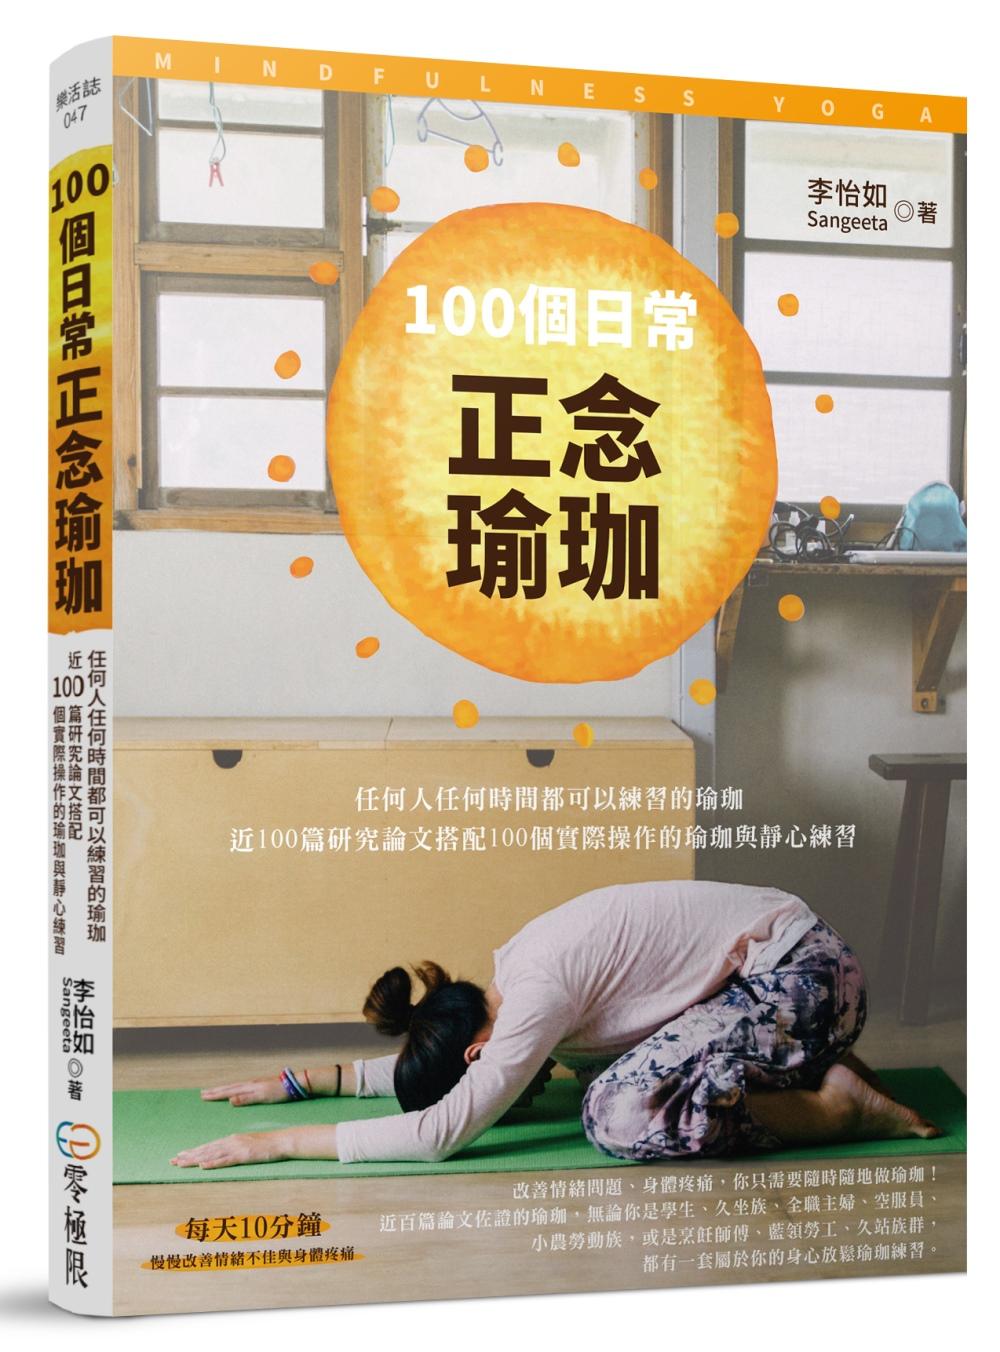 100 個日常正念瑜珈:任何人任何時間都可以練習的瑜珈、近100 篇研究論文搭配100 個實際操作的瑜珈與靜心練習